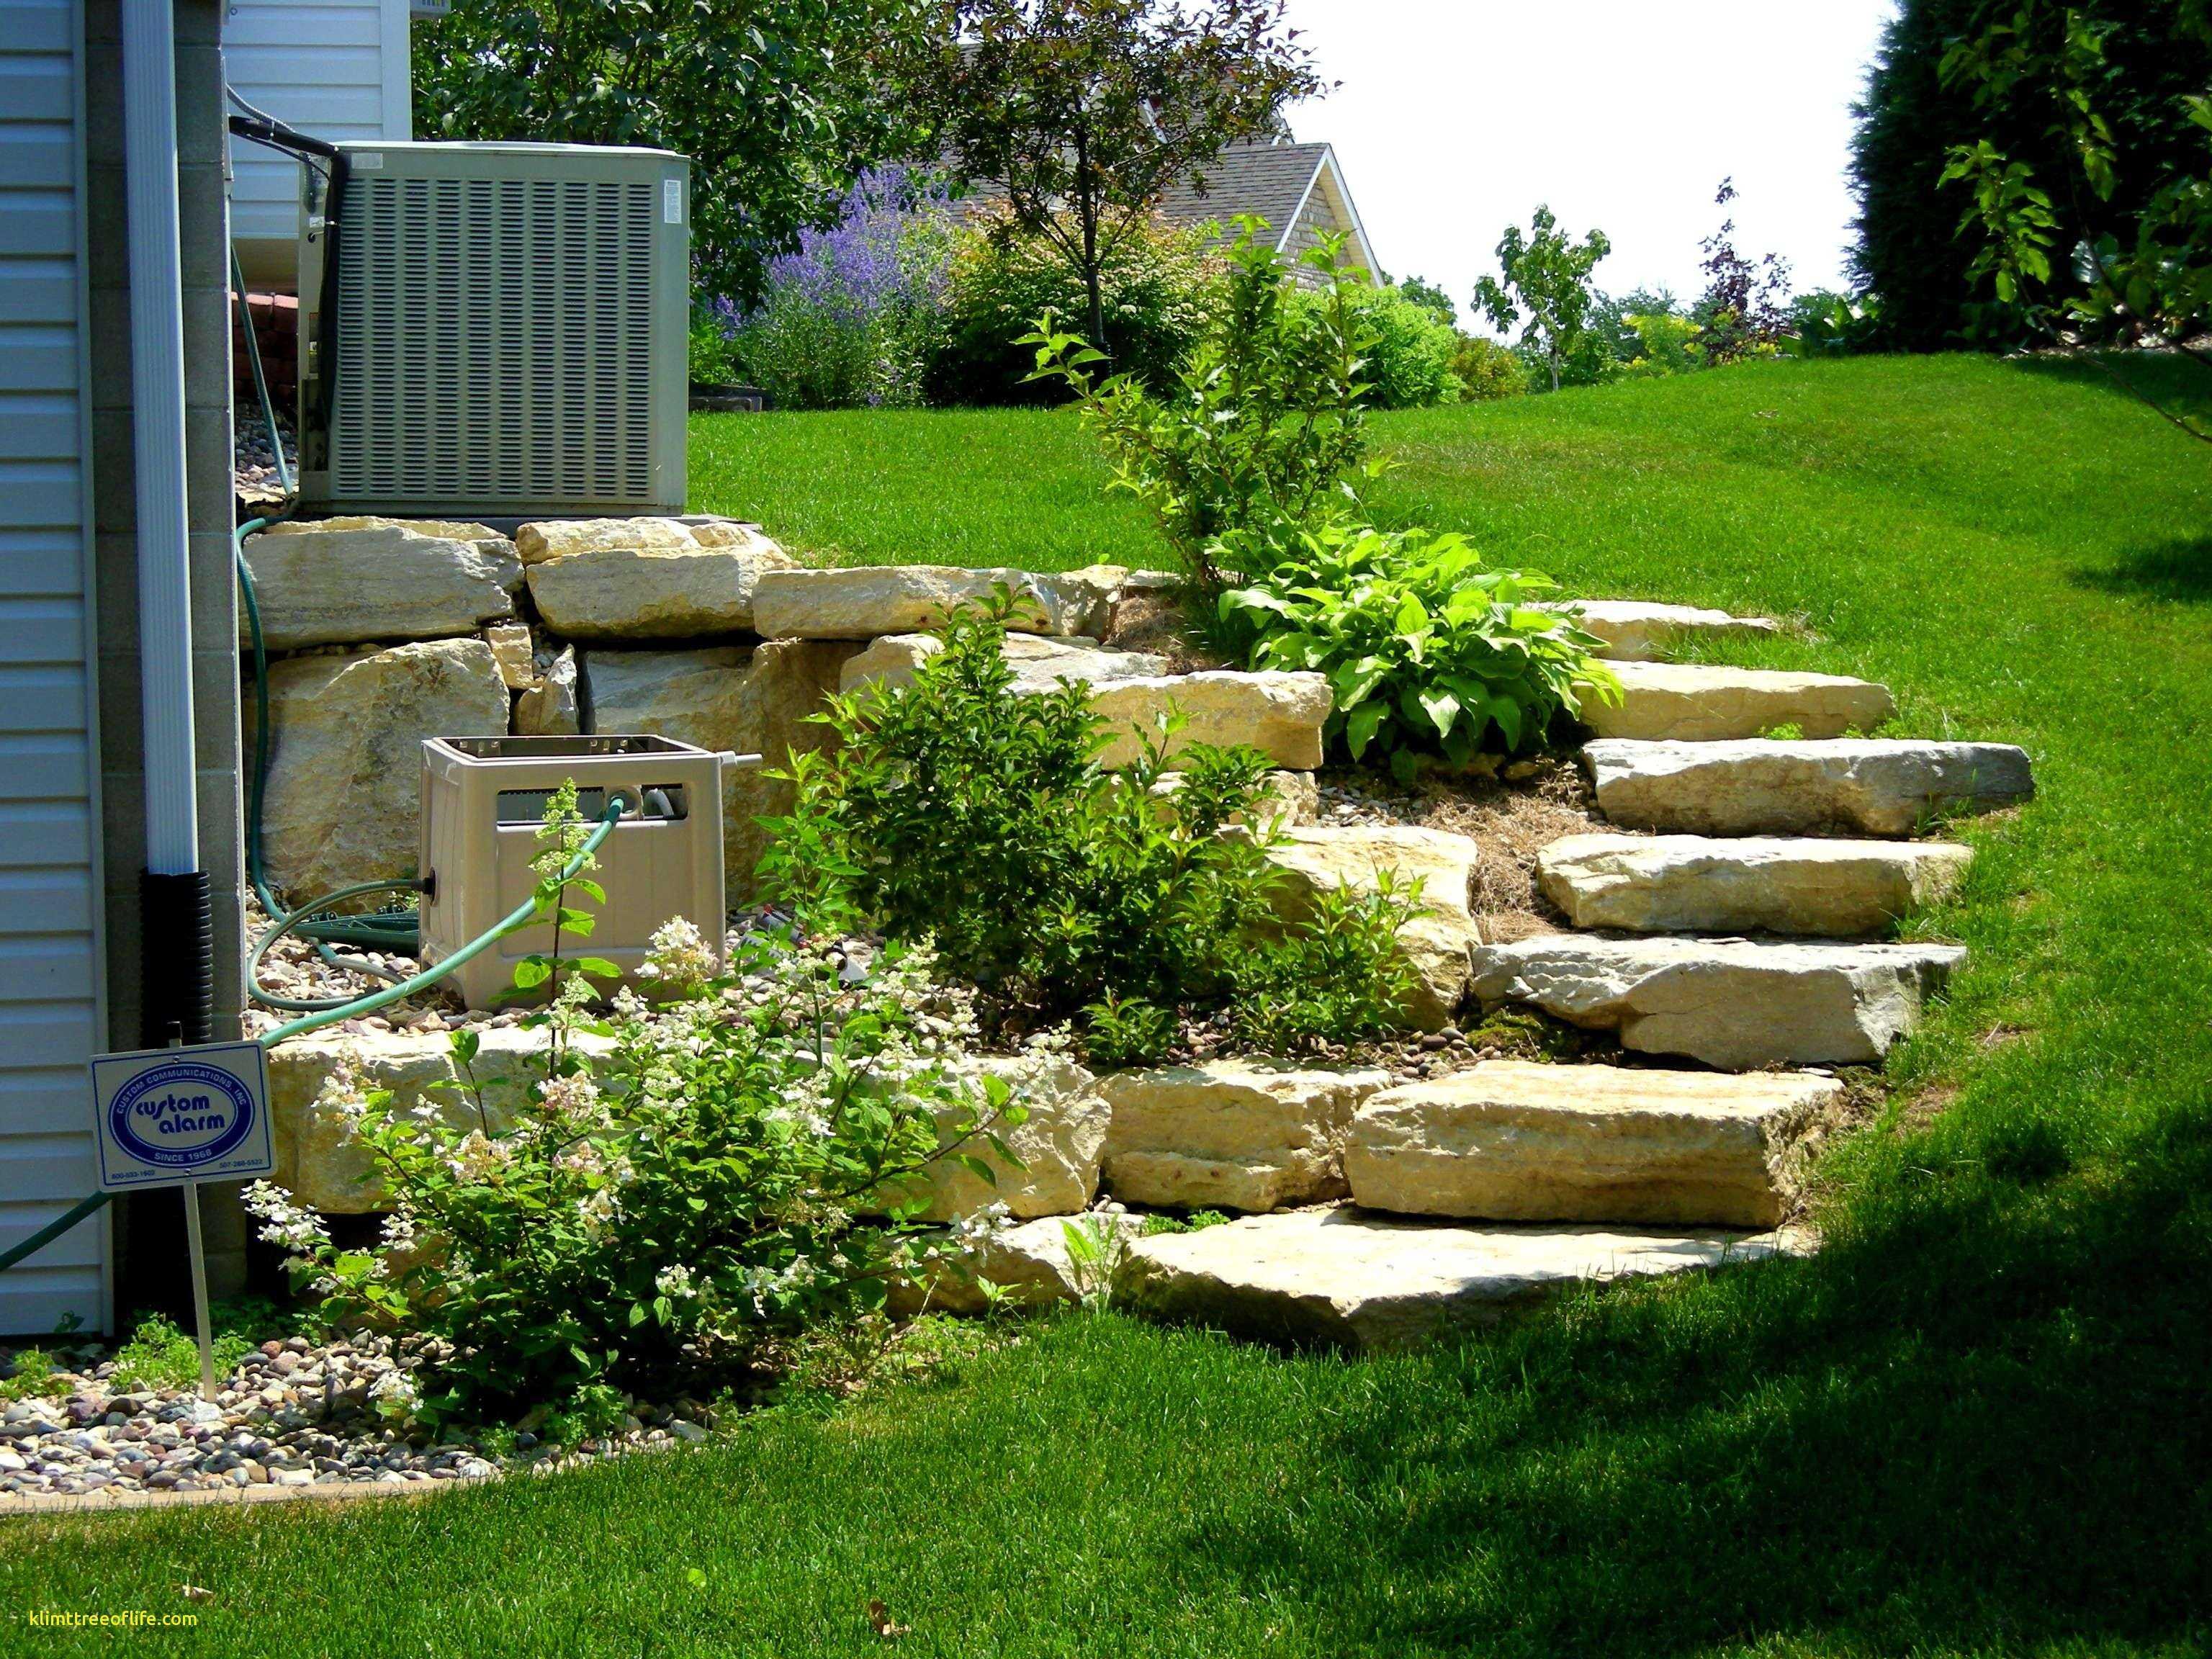 любом более дизайн садового участка с сильным уклоном картинки красавицу трудно было